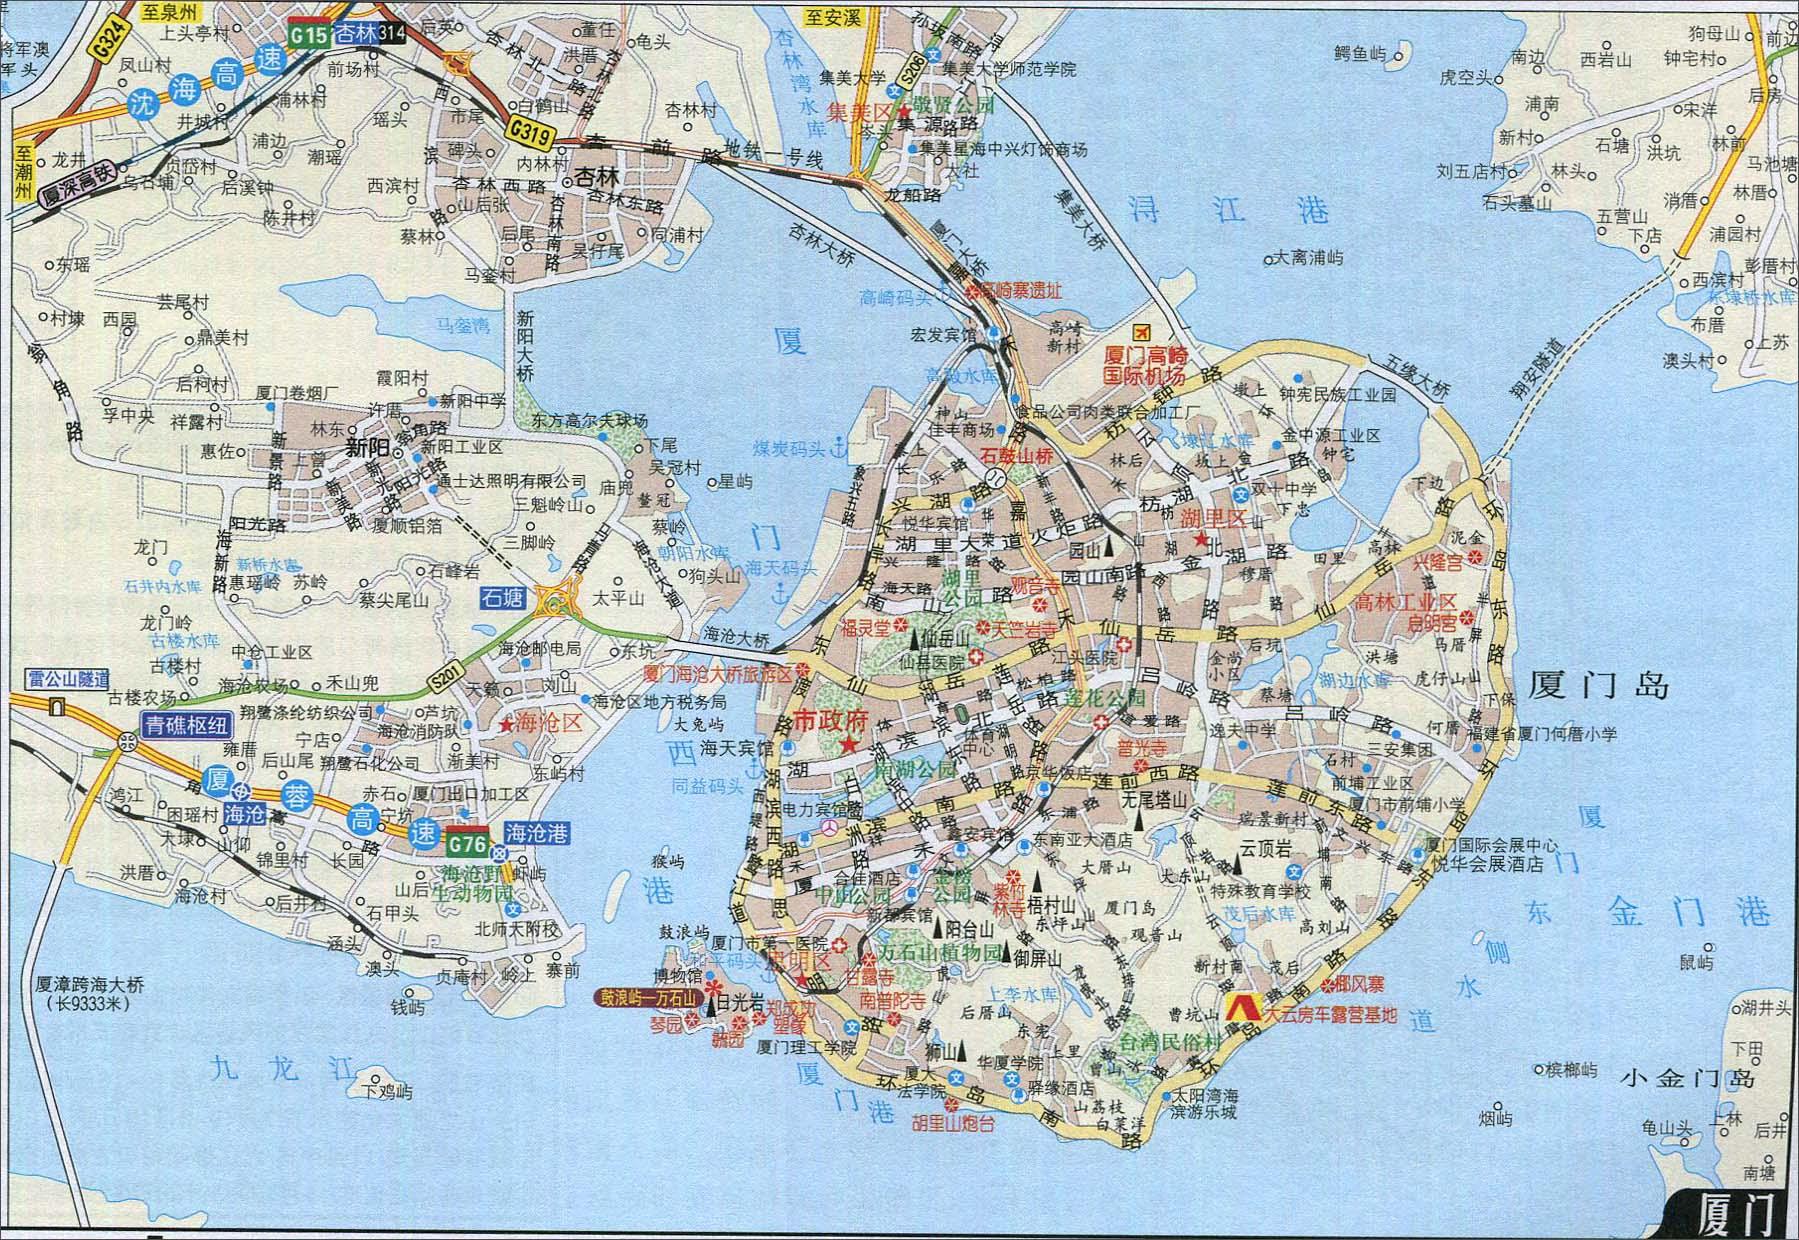 贵州省地图高清版下载|贵州省地图全图高清版大图... _绿色资源网